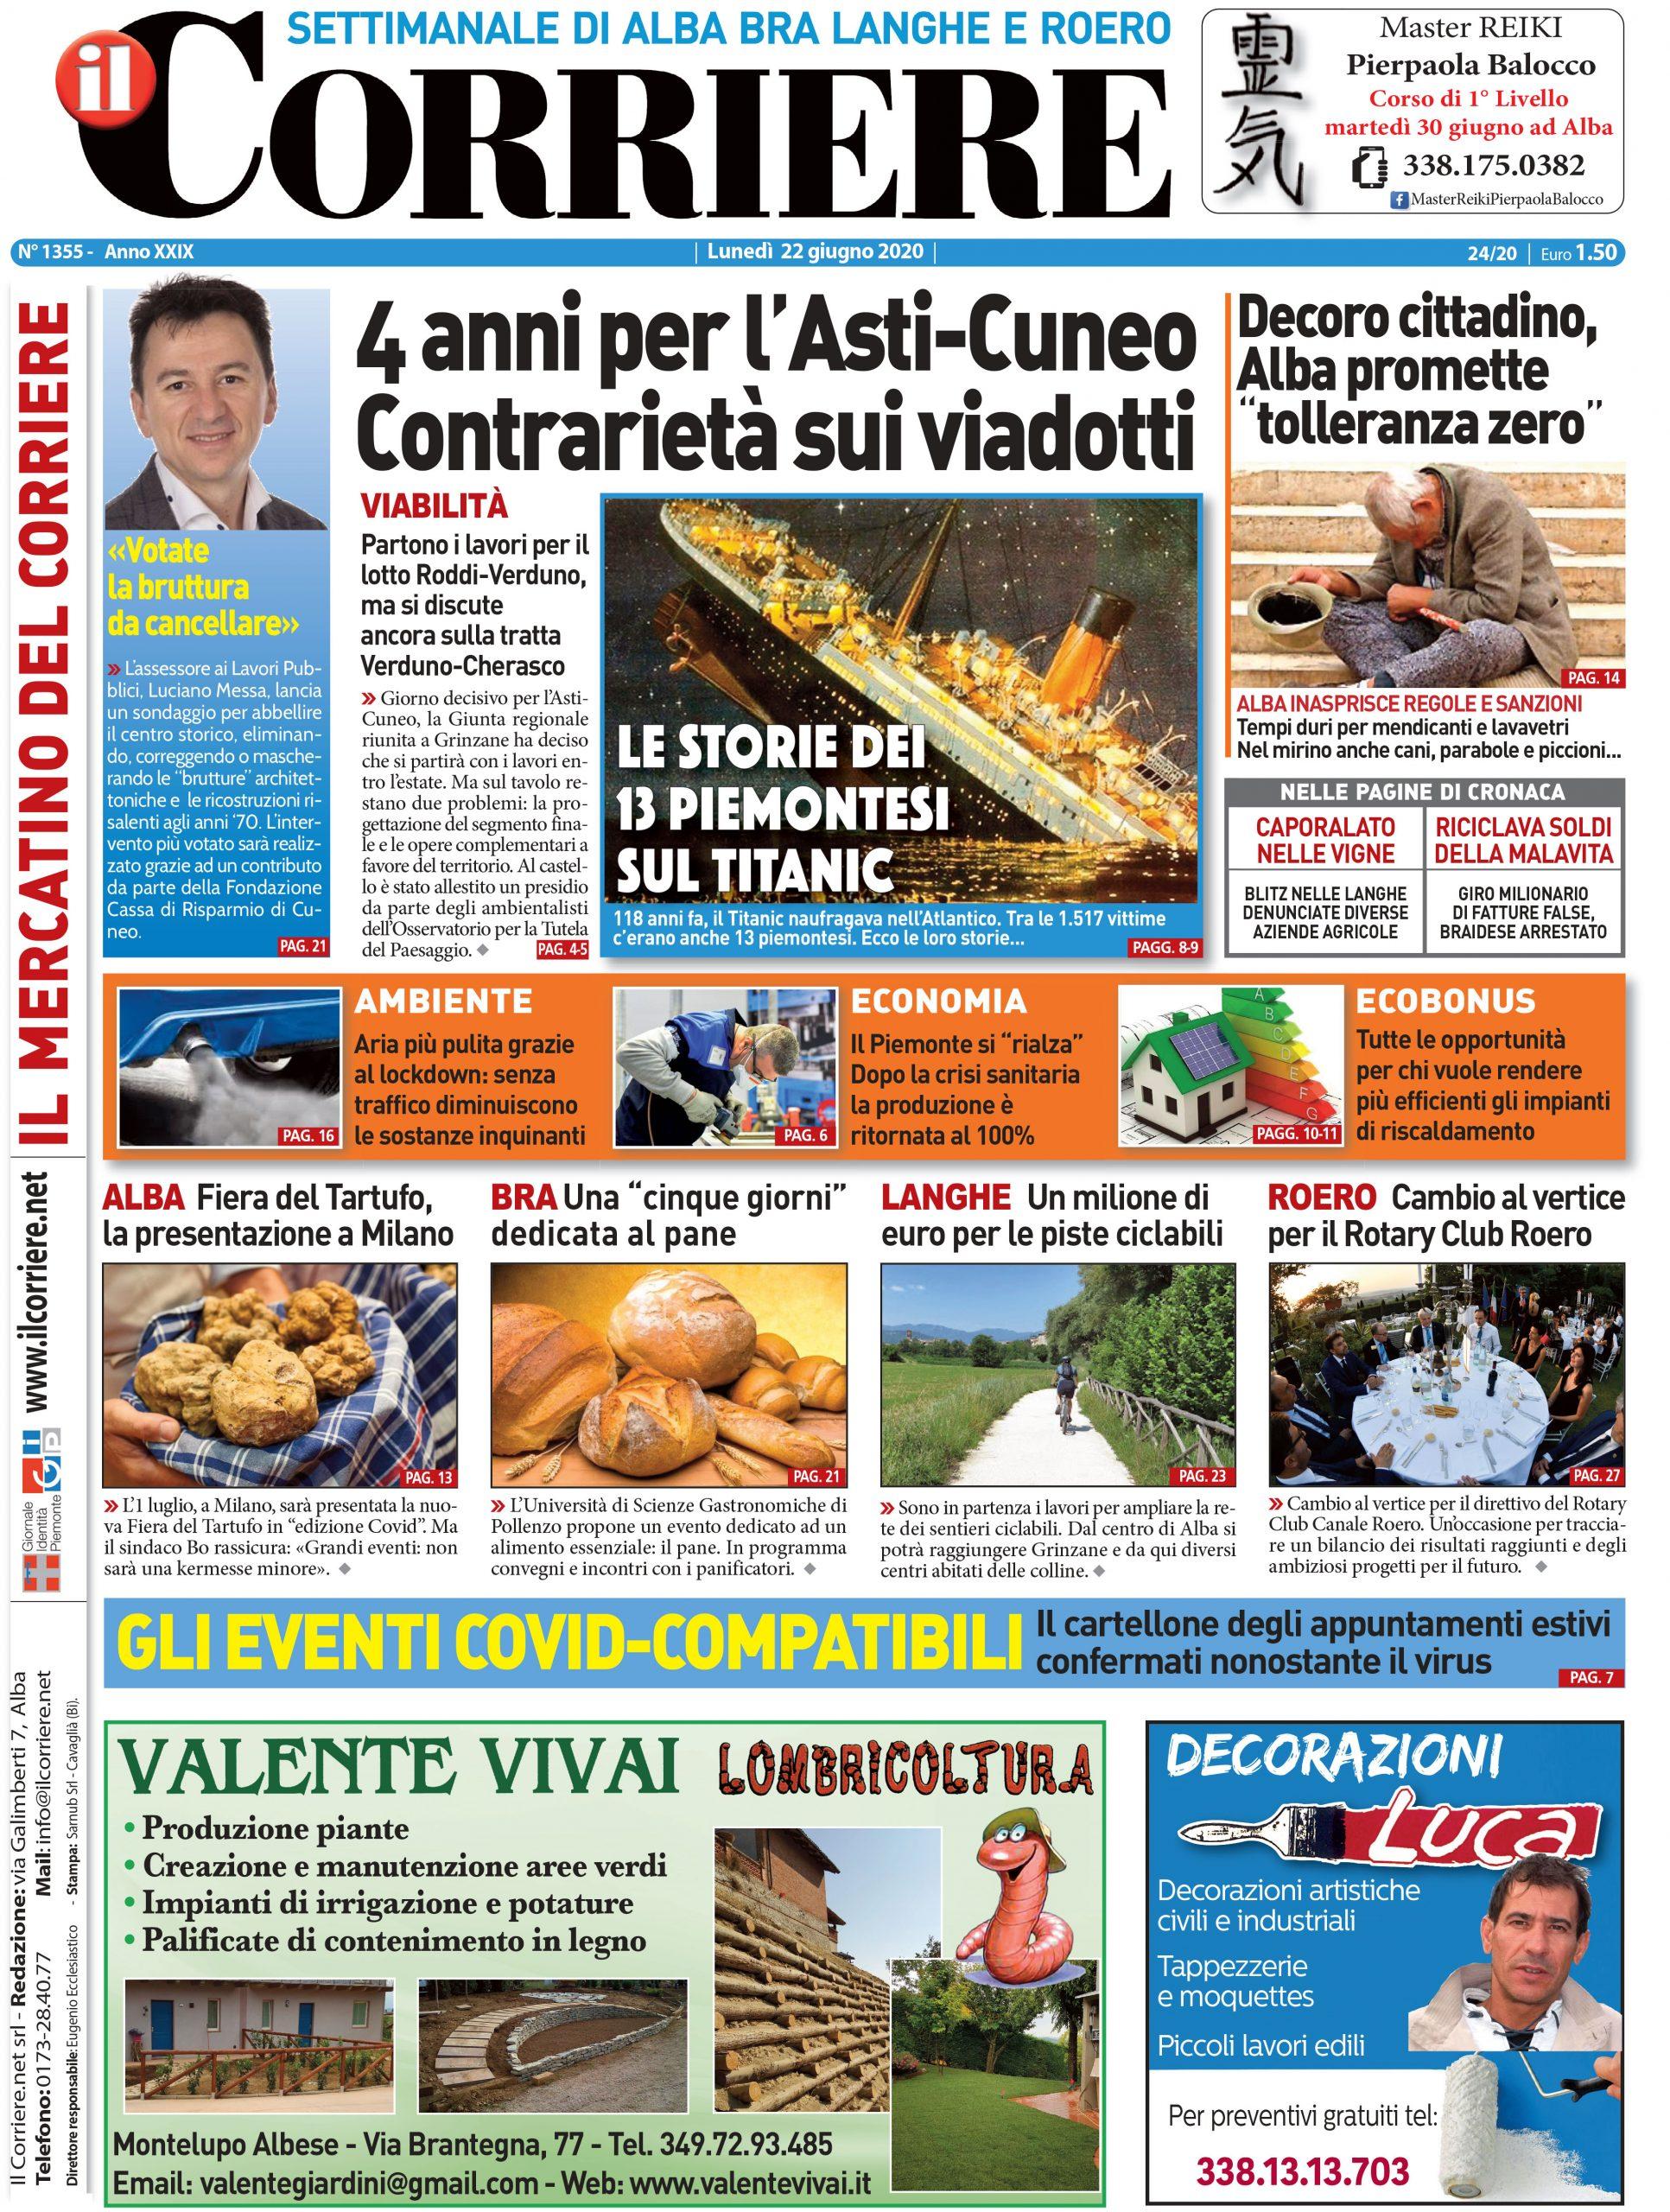 La prima pagina del Corriere in edicola lunedì 22 giugno